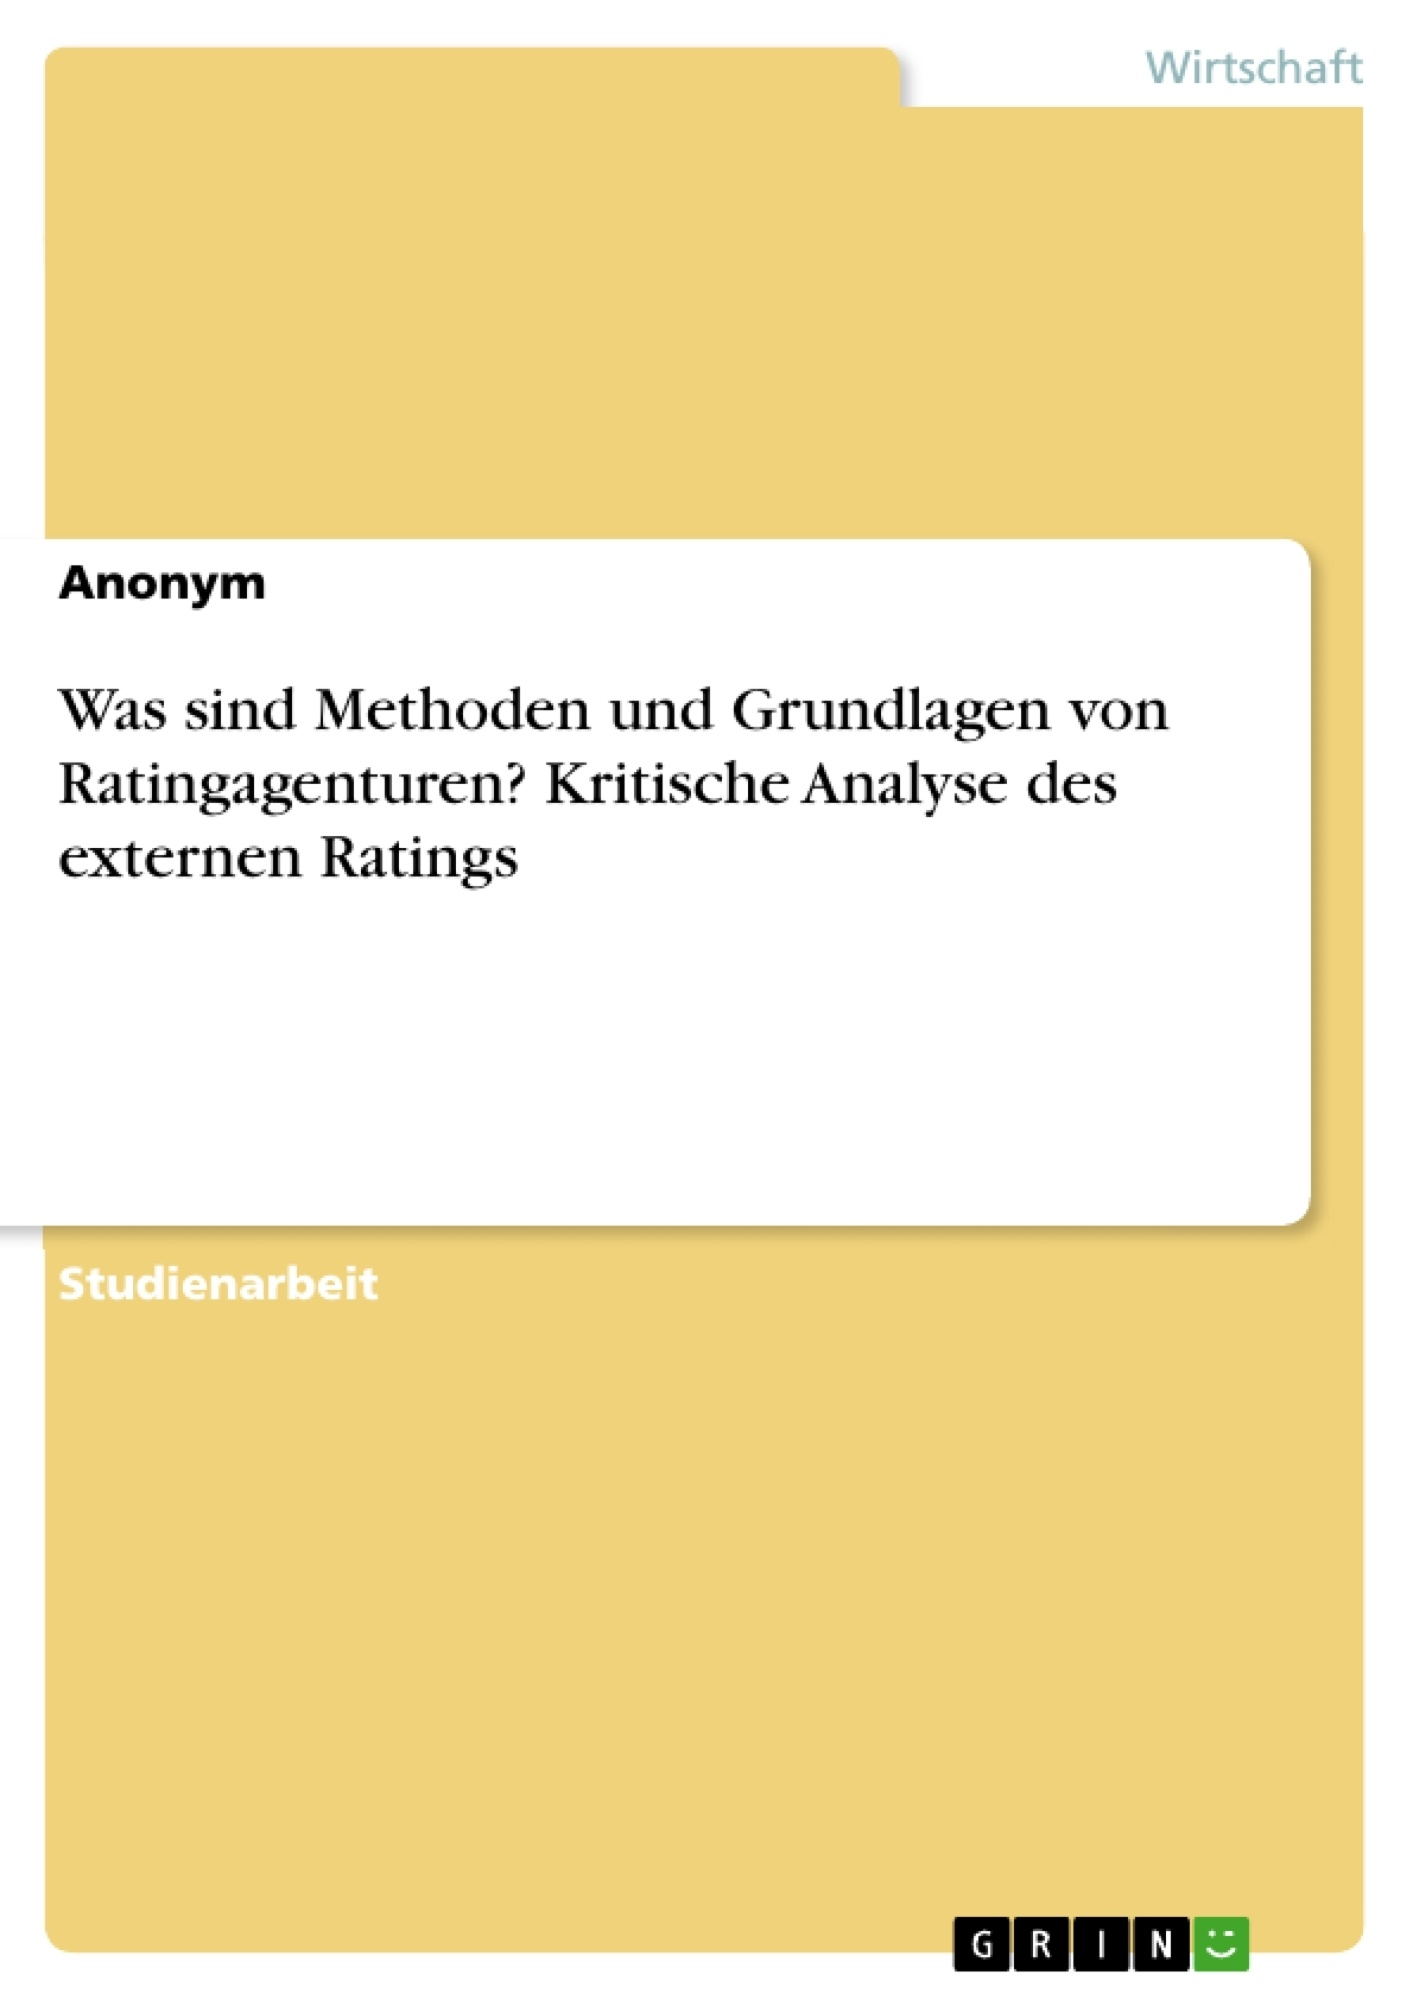 Titel: Was sind Methoden und Grundlagen von Ratingagenturen? Kritische Analyse des externen Ratings